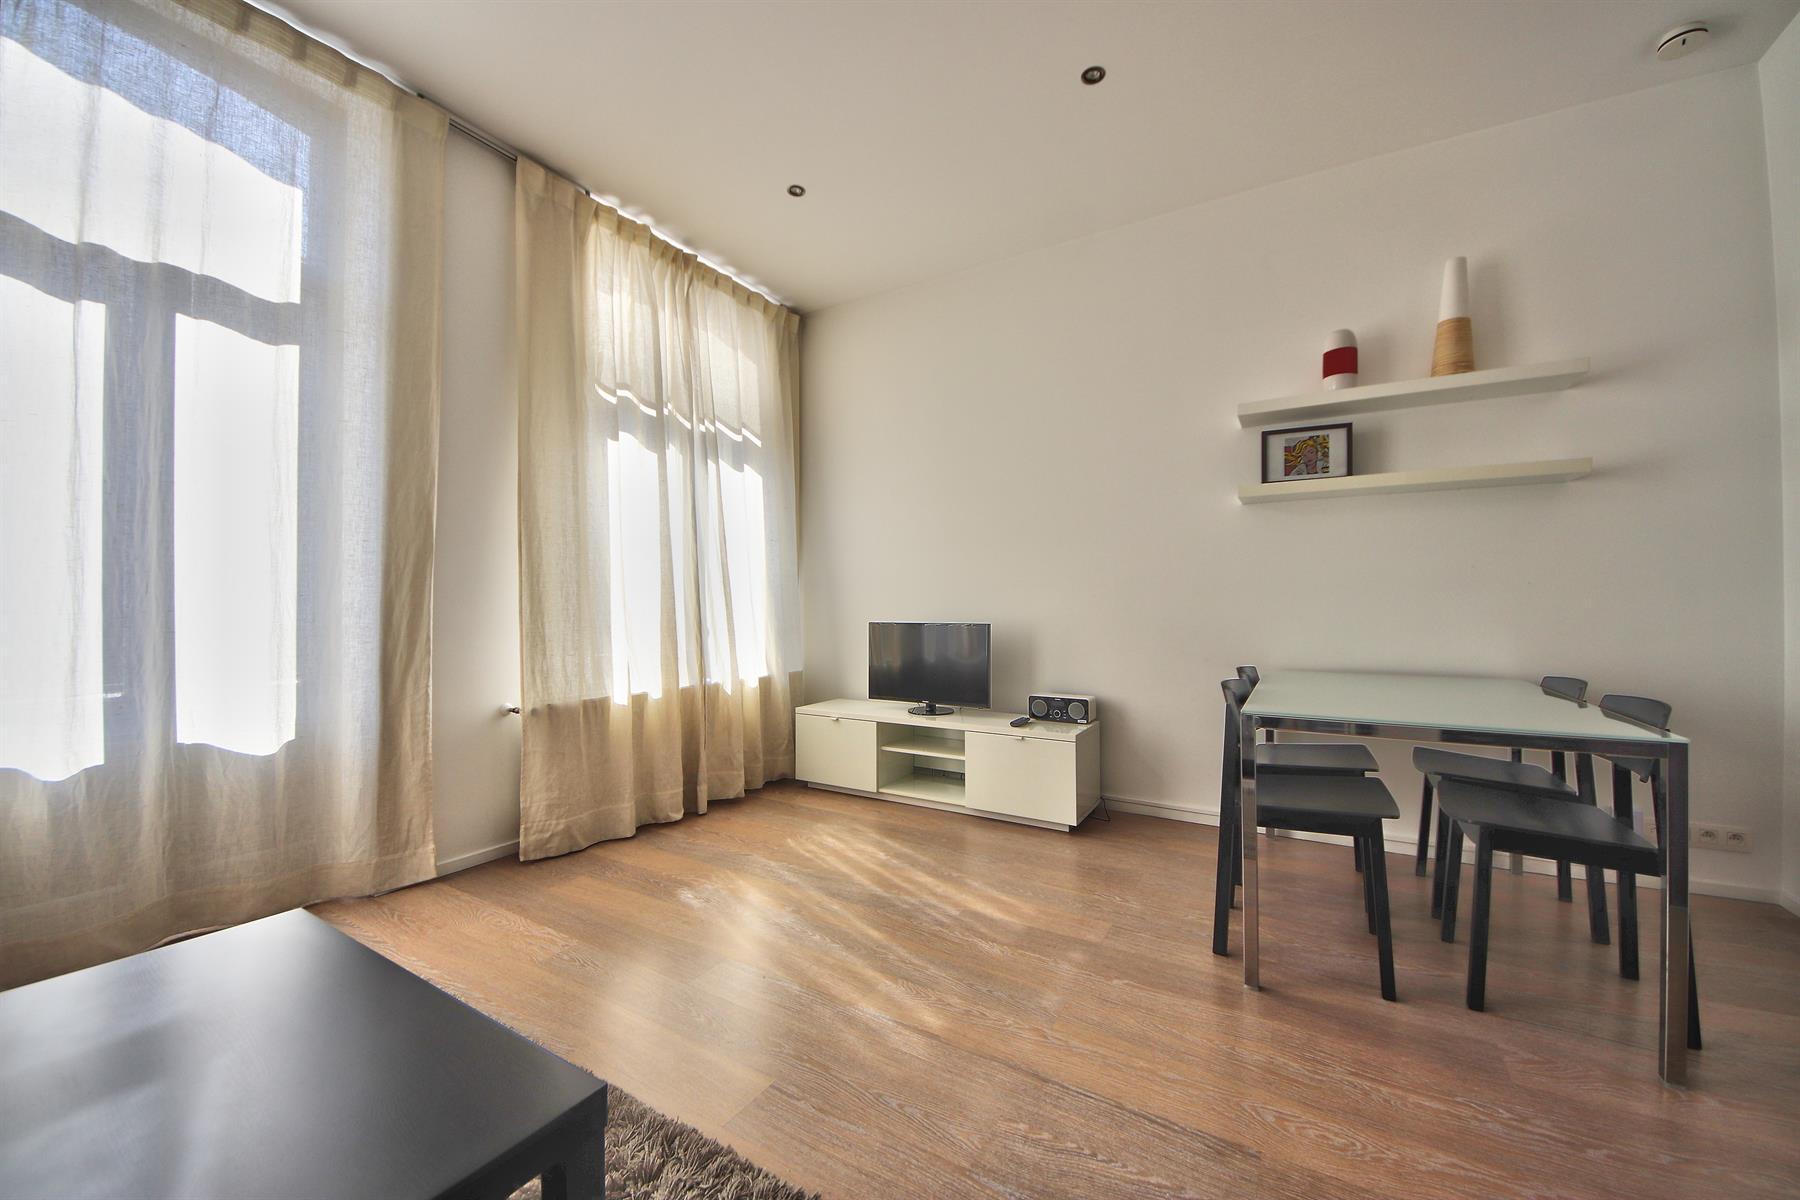 Appartement - Ixelles - #4345869-1